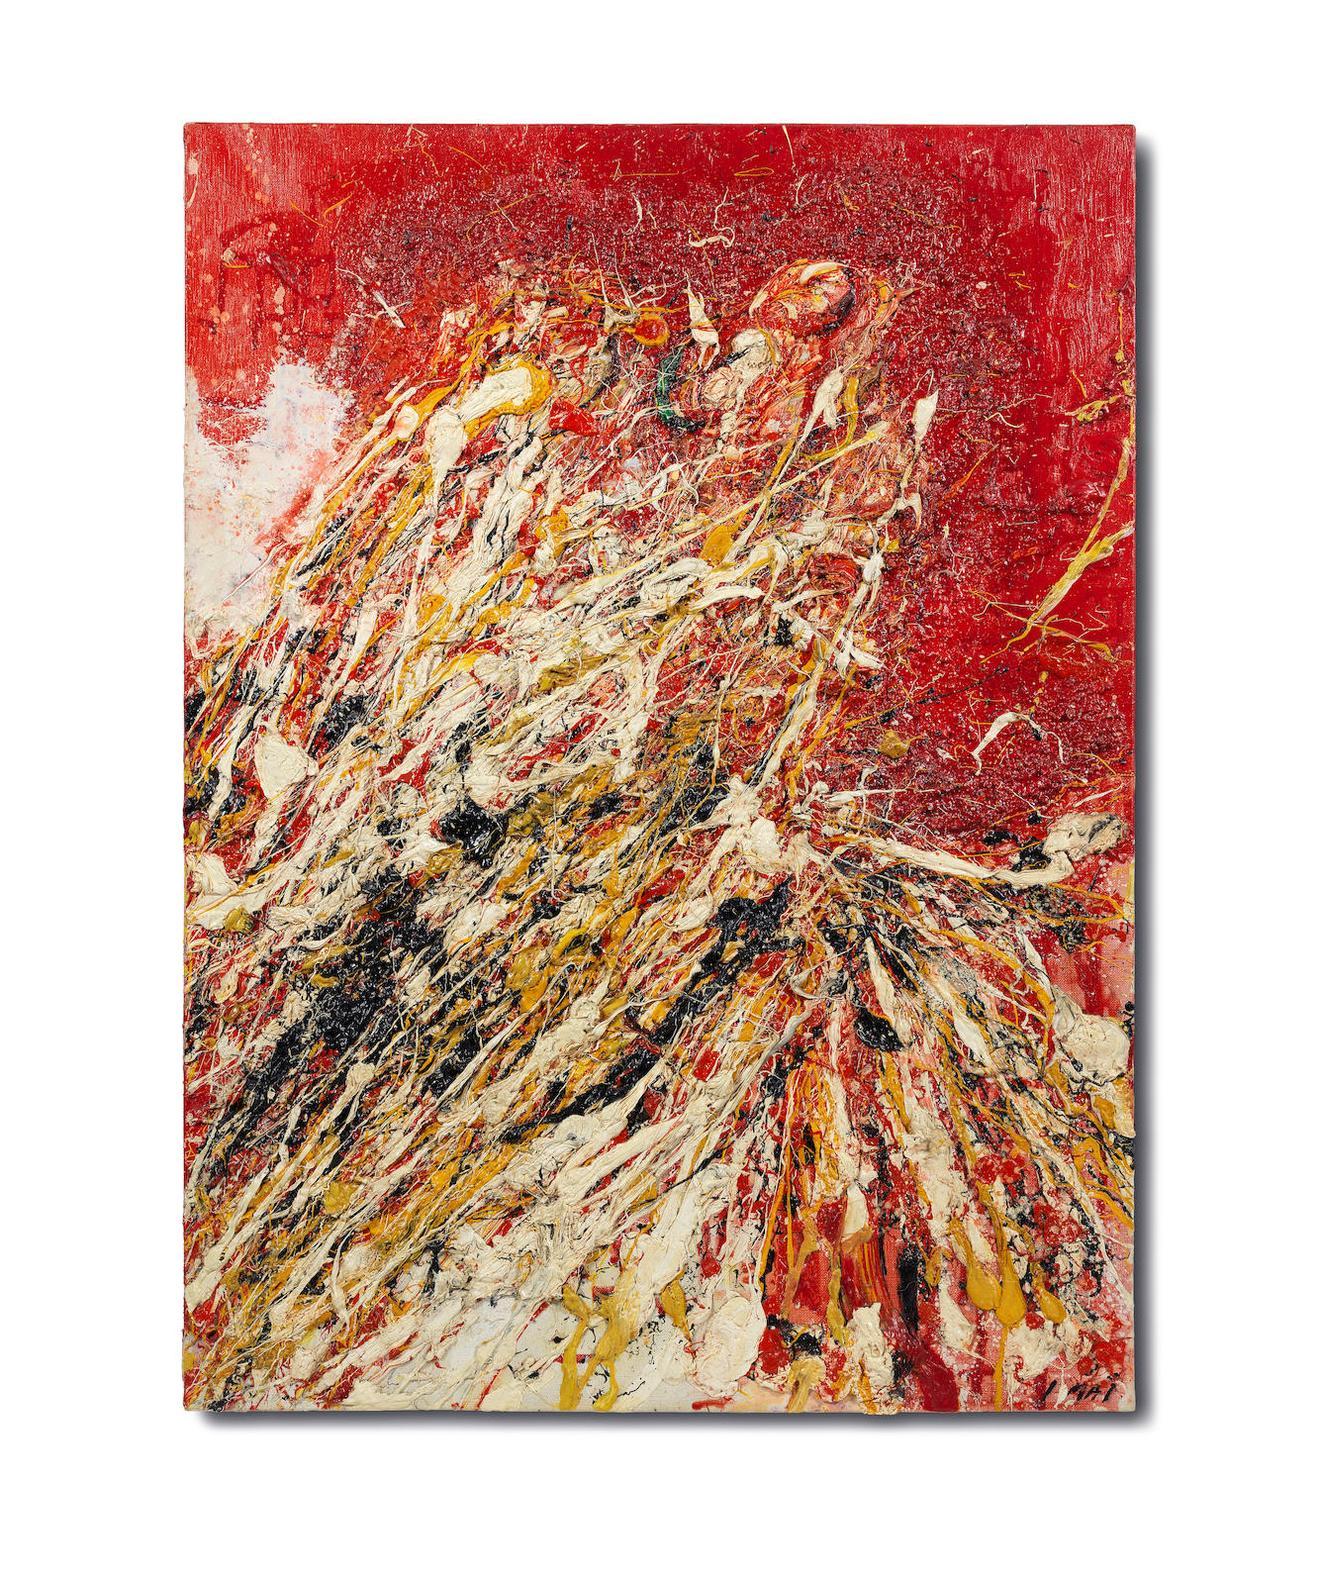 Toshimitsu Imai-Untitled-1963